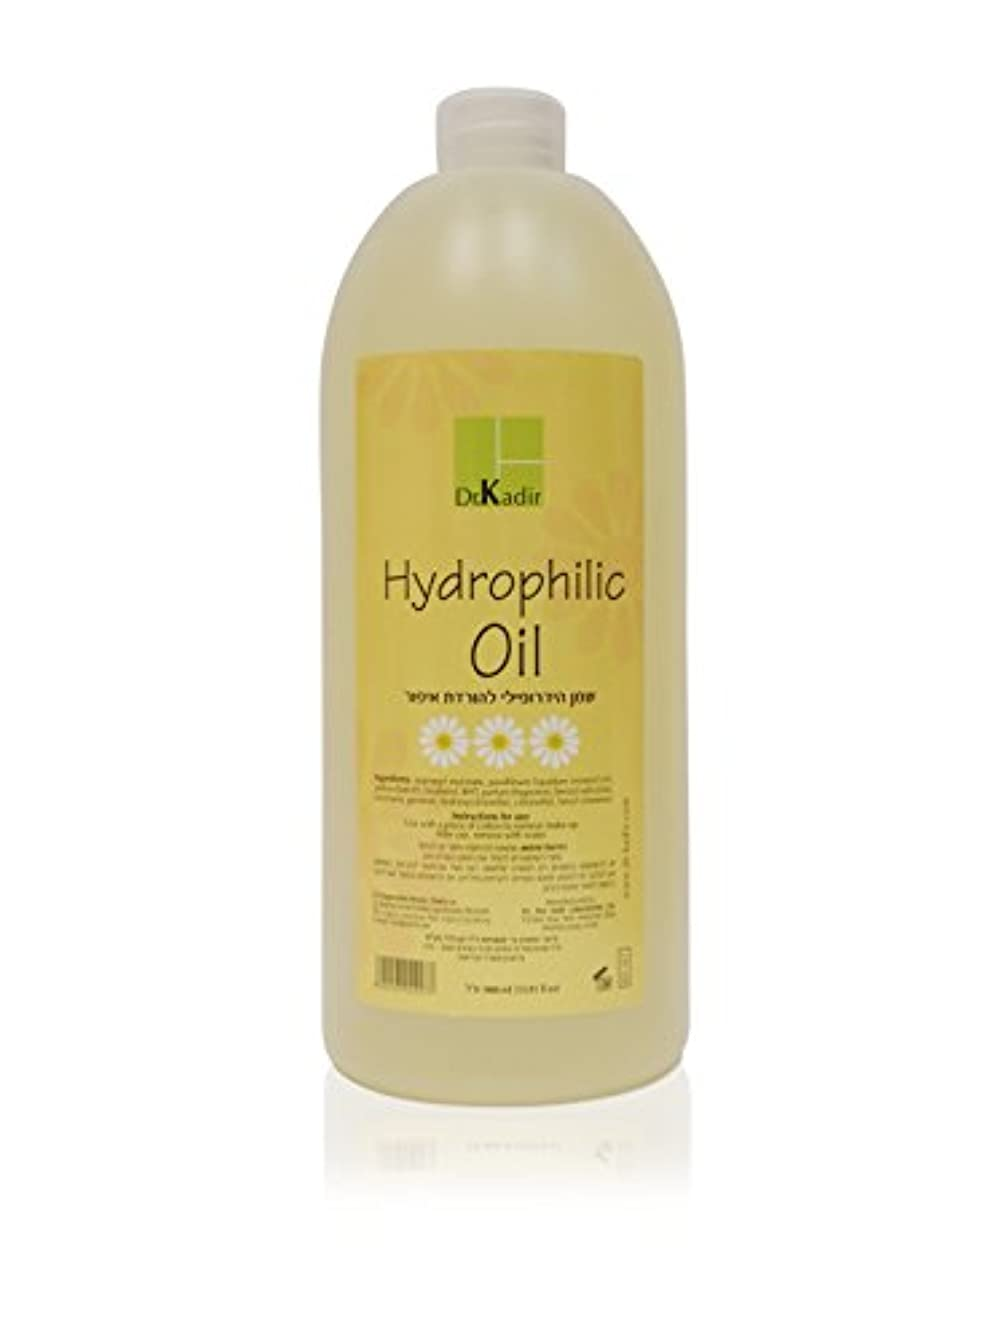 感謝クルー窒素Dr. Kadir Hydrophilic Oil 1000ml